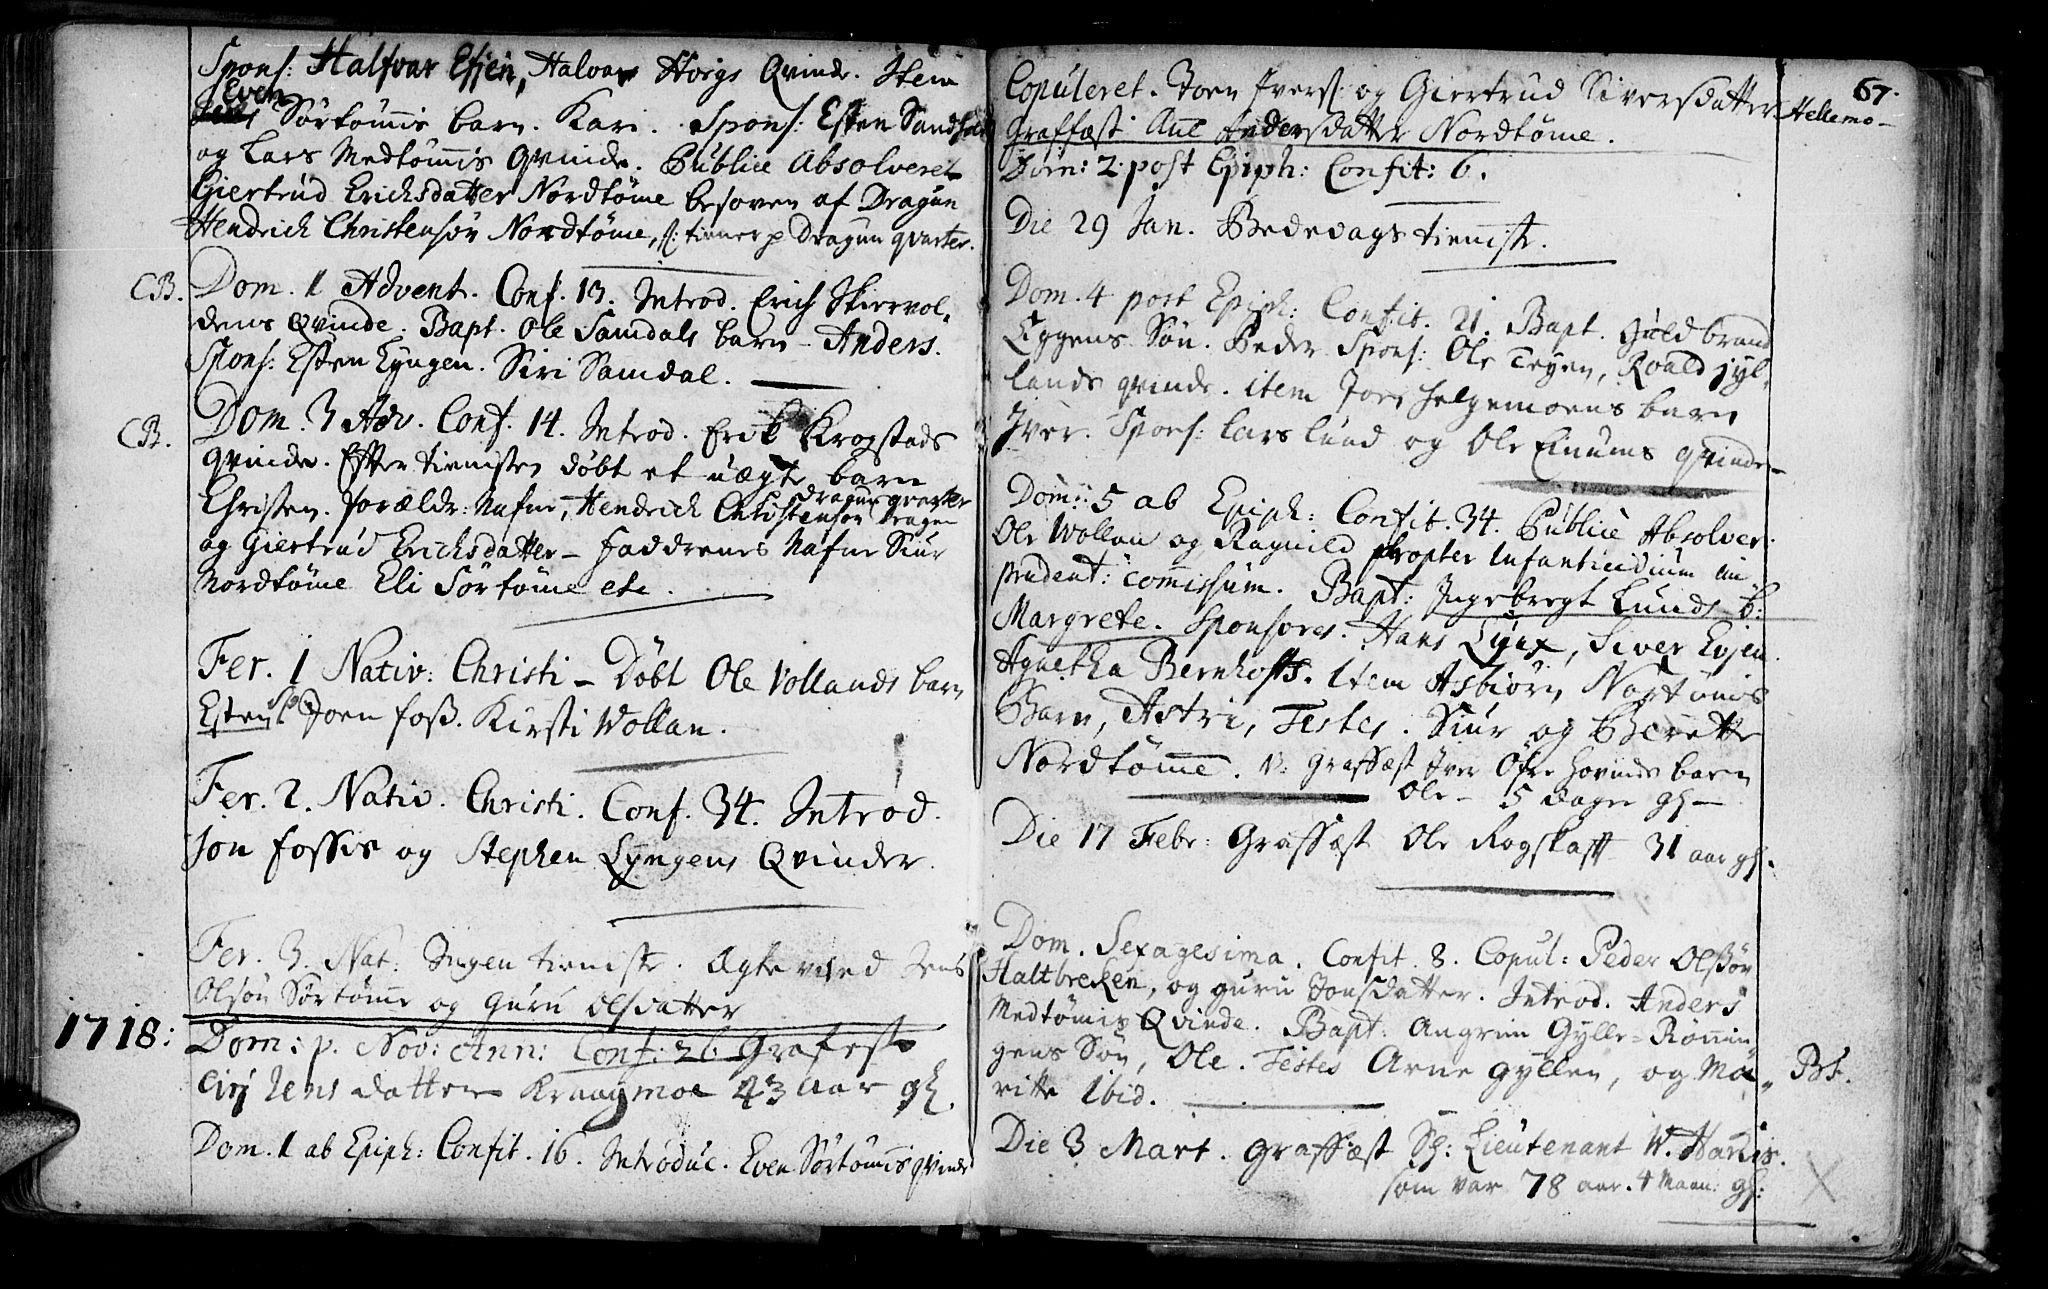 SAT, Ministerialprotokoller, klokkerbøker og fødselsregistre - Sør-Trøndelag, 692/L1101: Ministerialbok nr. 692A01, 1690-1746, s. 67